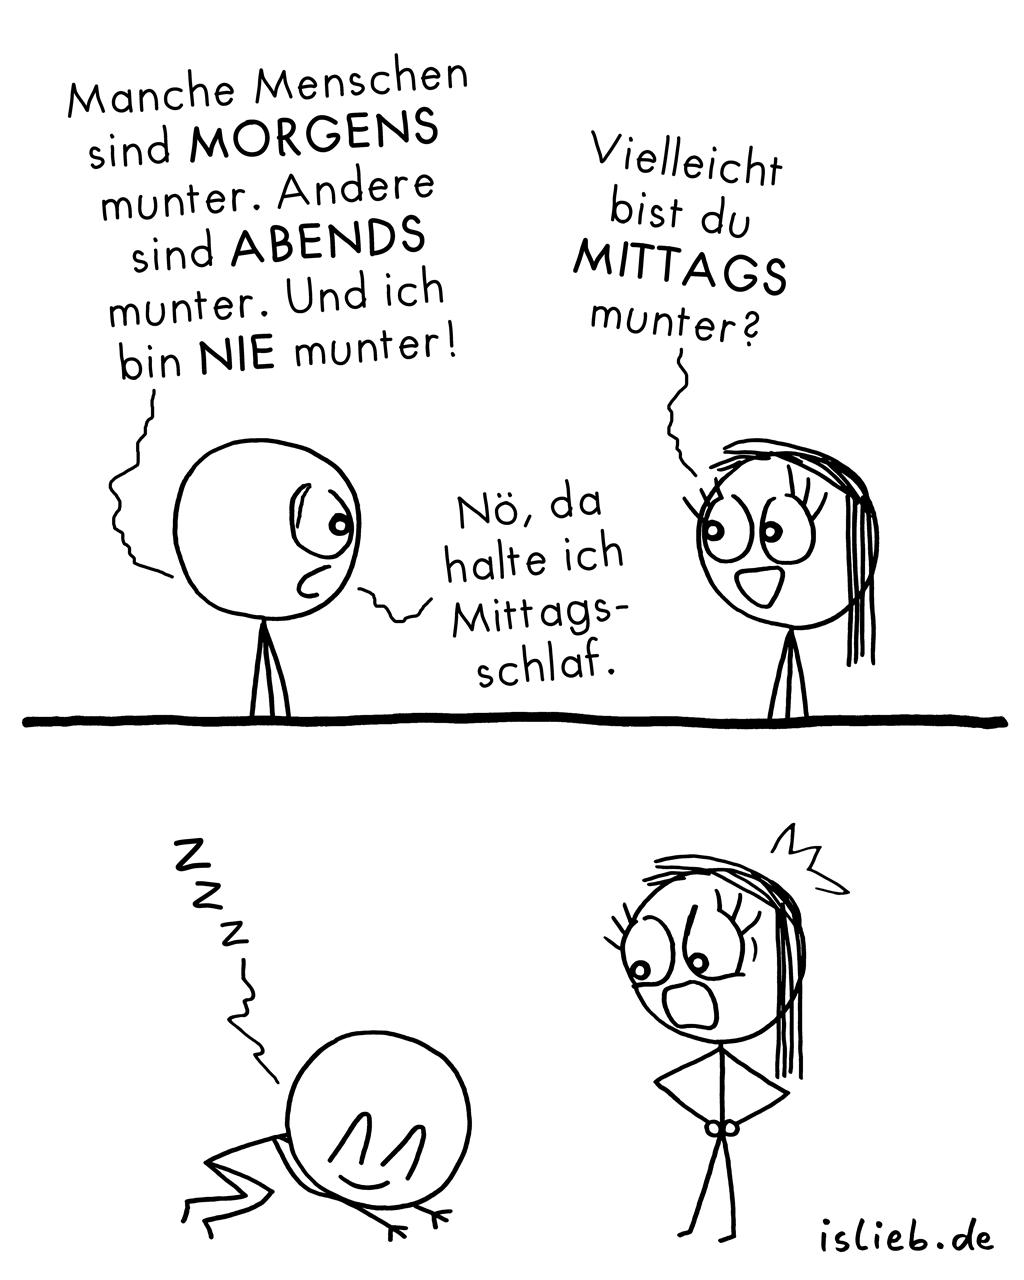 Munter | Strichmännchen-Comic | is lieb?